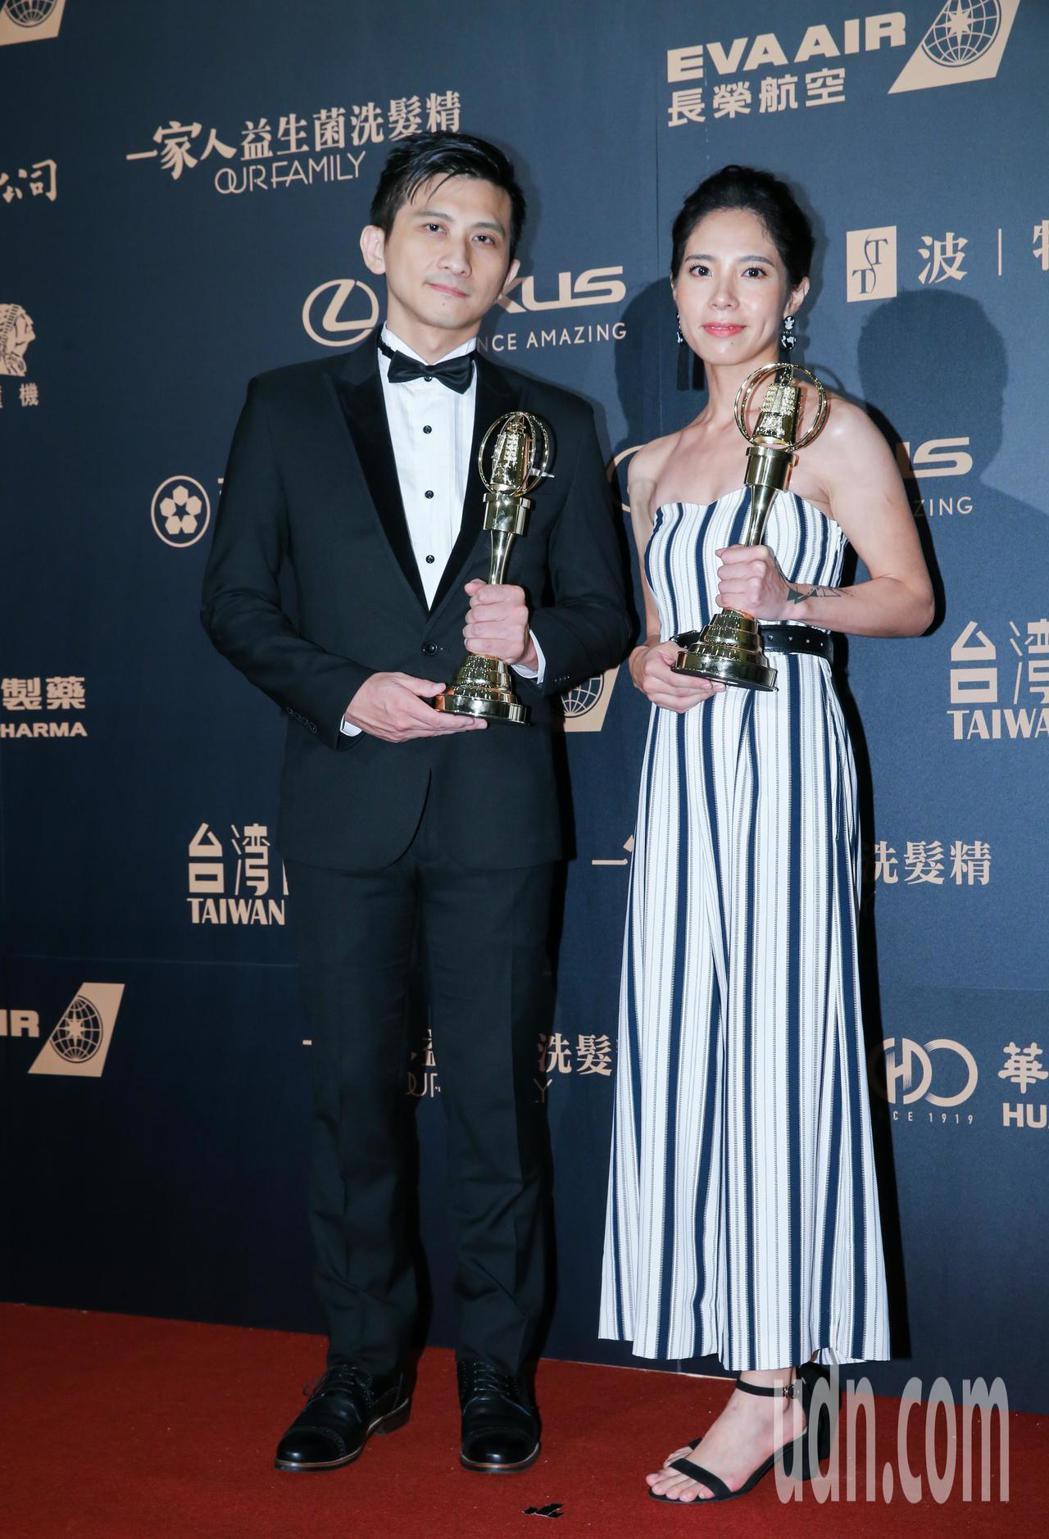 第54屆電視金鐘獎音效獎由公視新創短片最後一次溫柔團隊高偉晏(左)、張邵庭、嚴唯